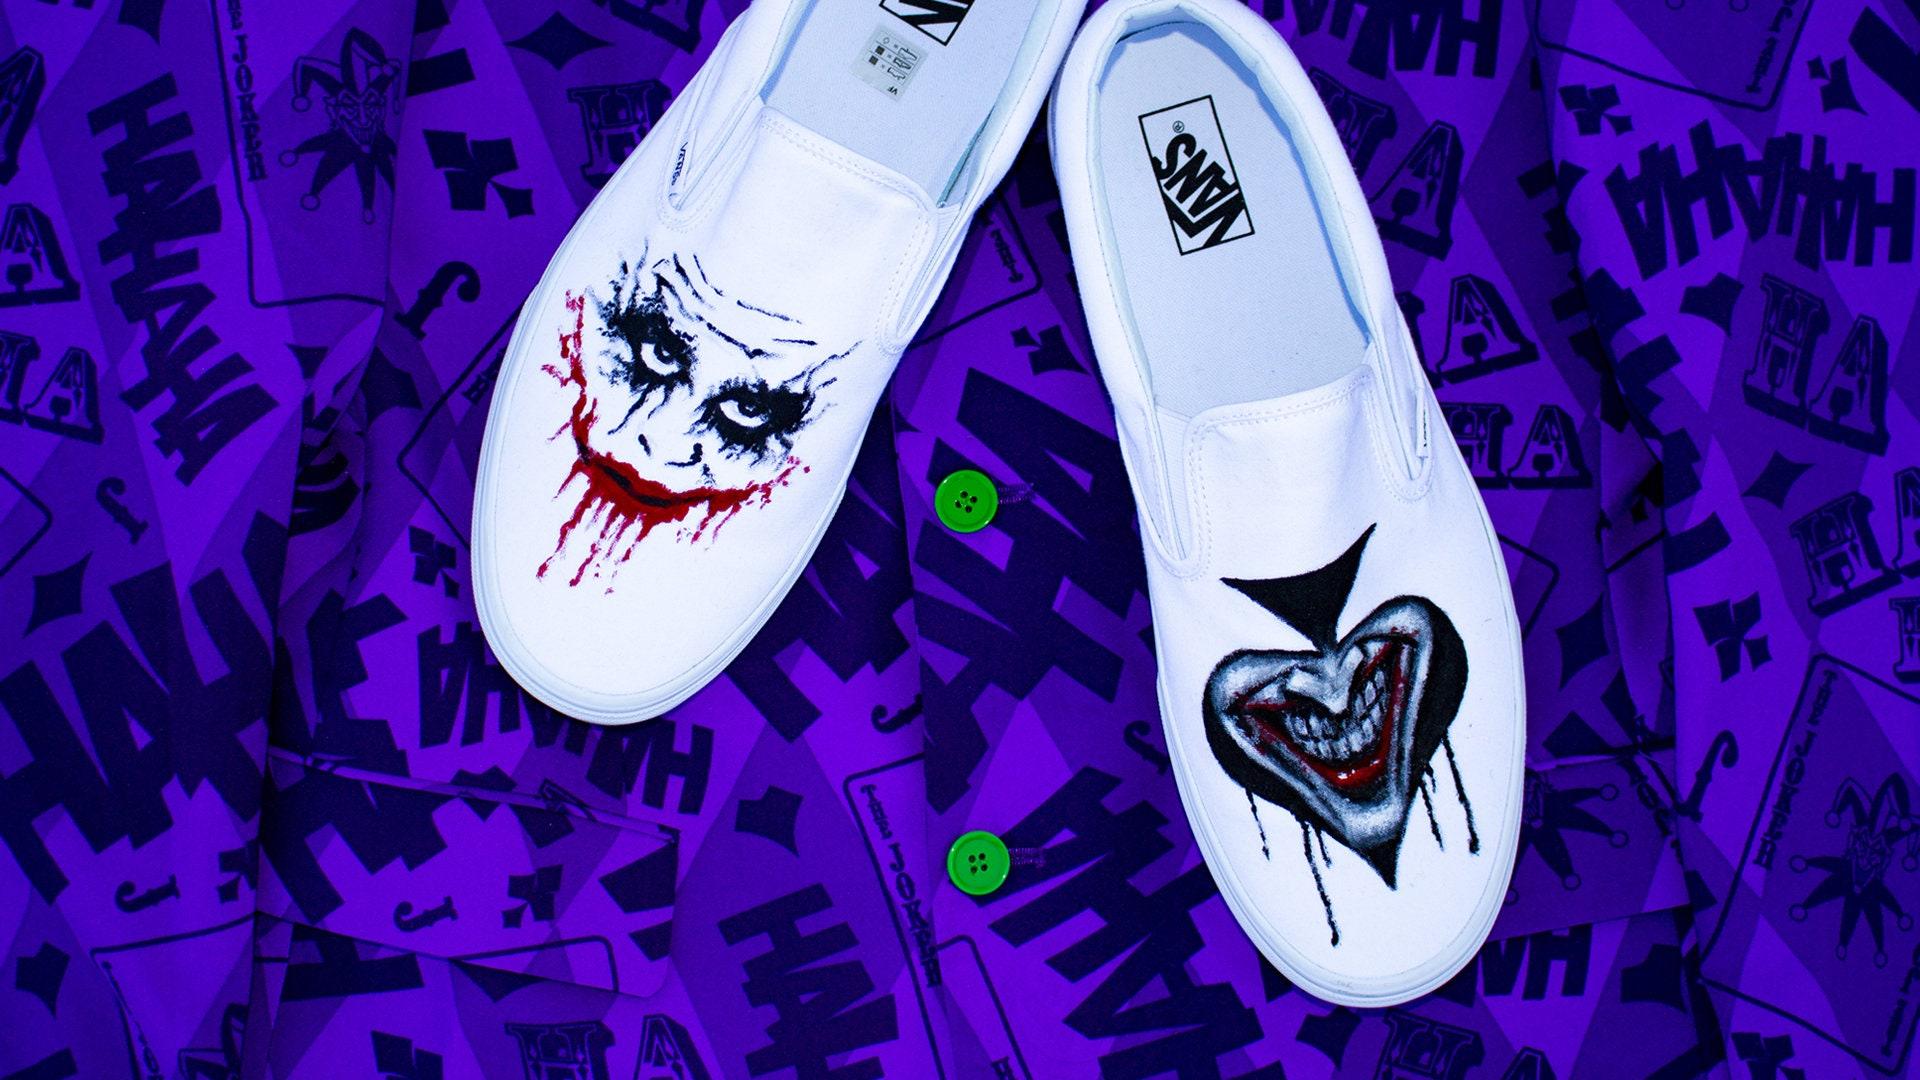 c53747727cec51 The joker heath ledger custom vans shoes etsy jpg 1920x1080 Custom joker  shoes vans